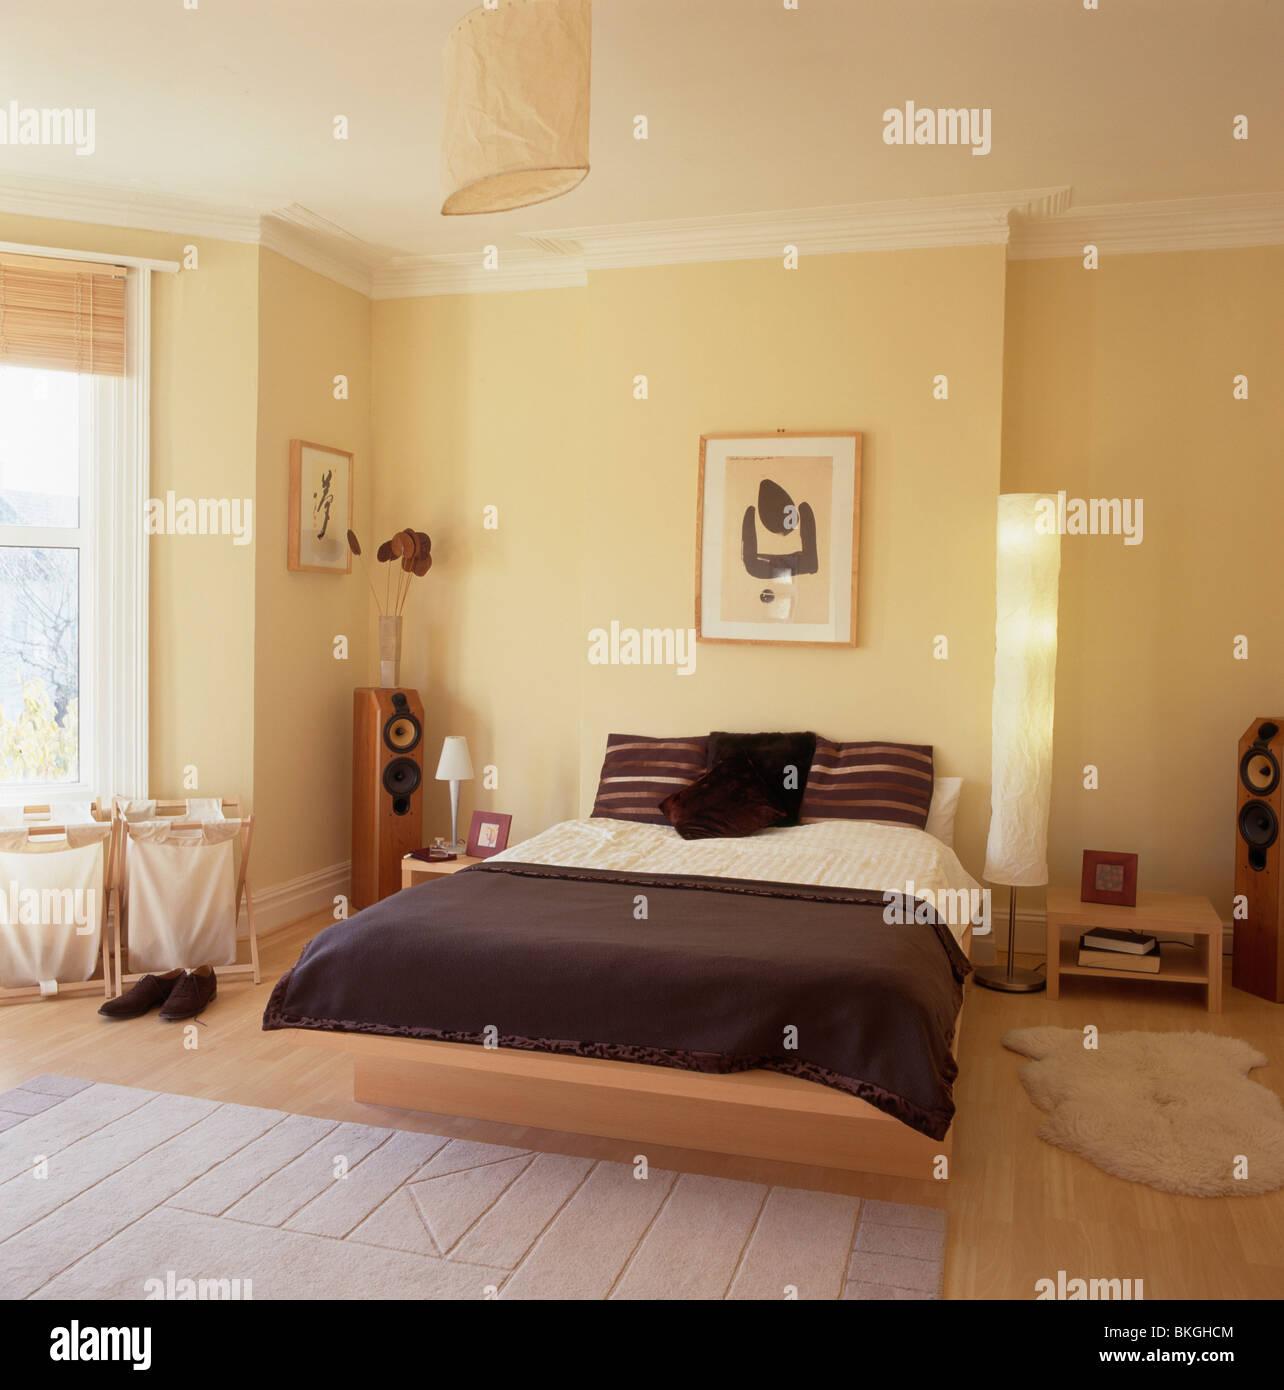 Dunkel graue Bettdecke auf Bett auf kleinen Podest in modernen ...